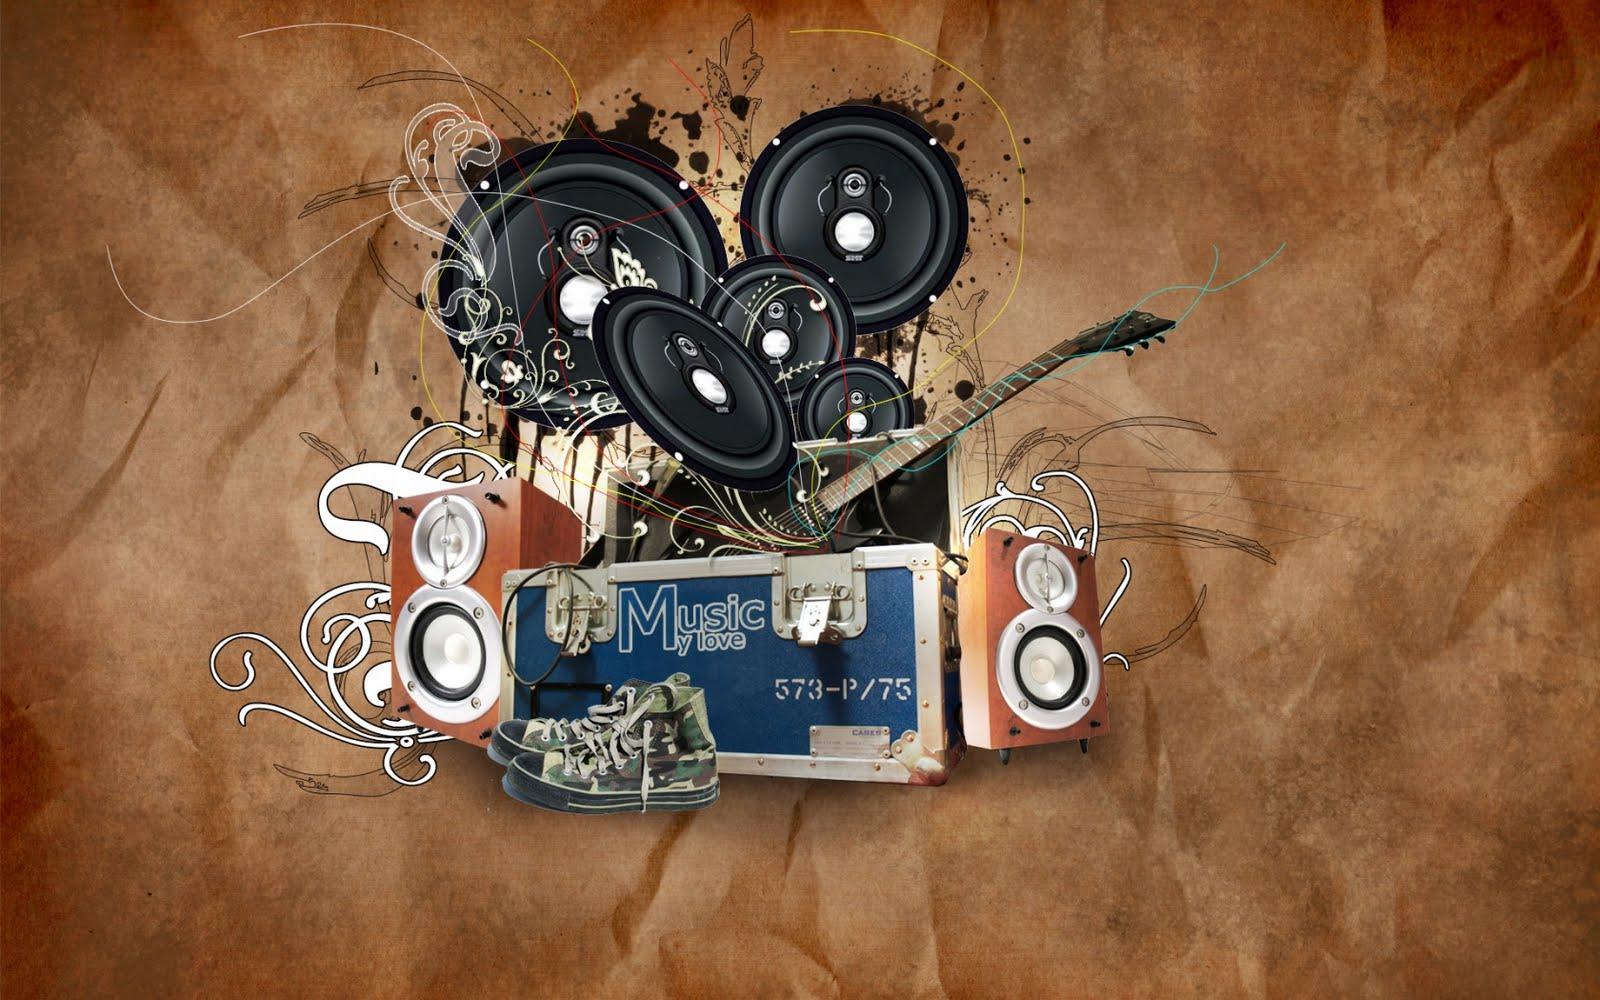 http://4.bp.blogspot.com/-r2tvQkxaOXs/TkTc6nLNEyI/AAAAAAAAANA/5wzVD8051Bw/s1600/music-love-1680x1050-wallpaper-4838.jpg